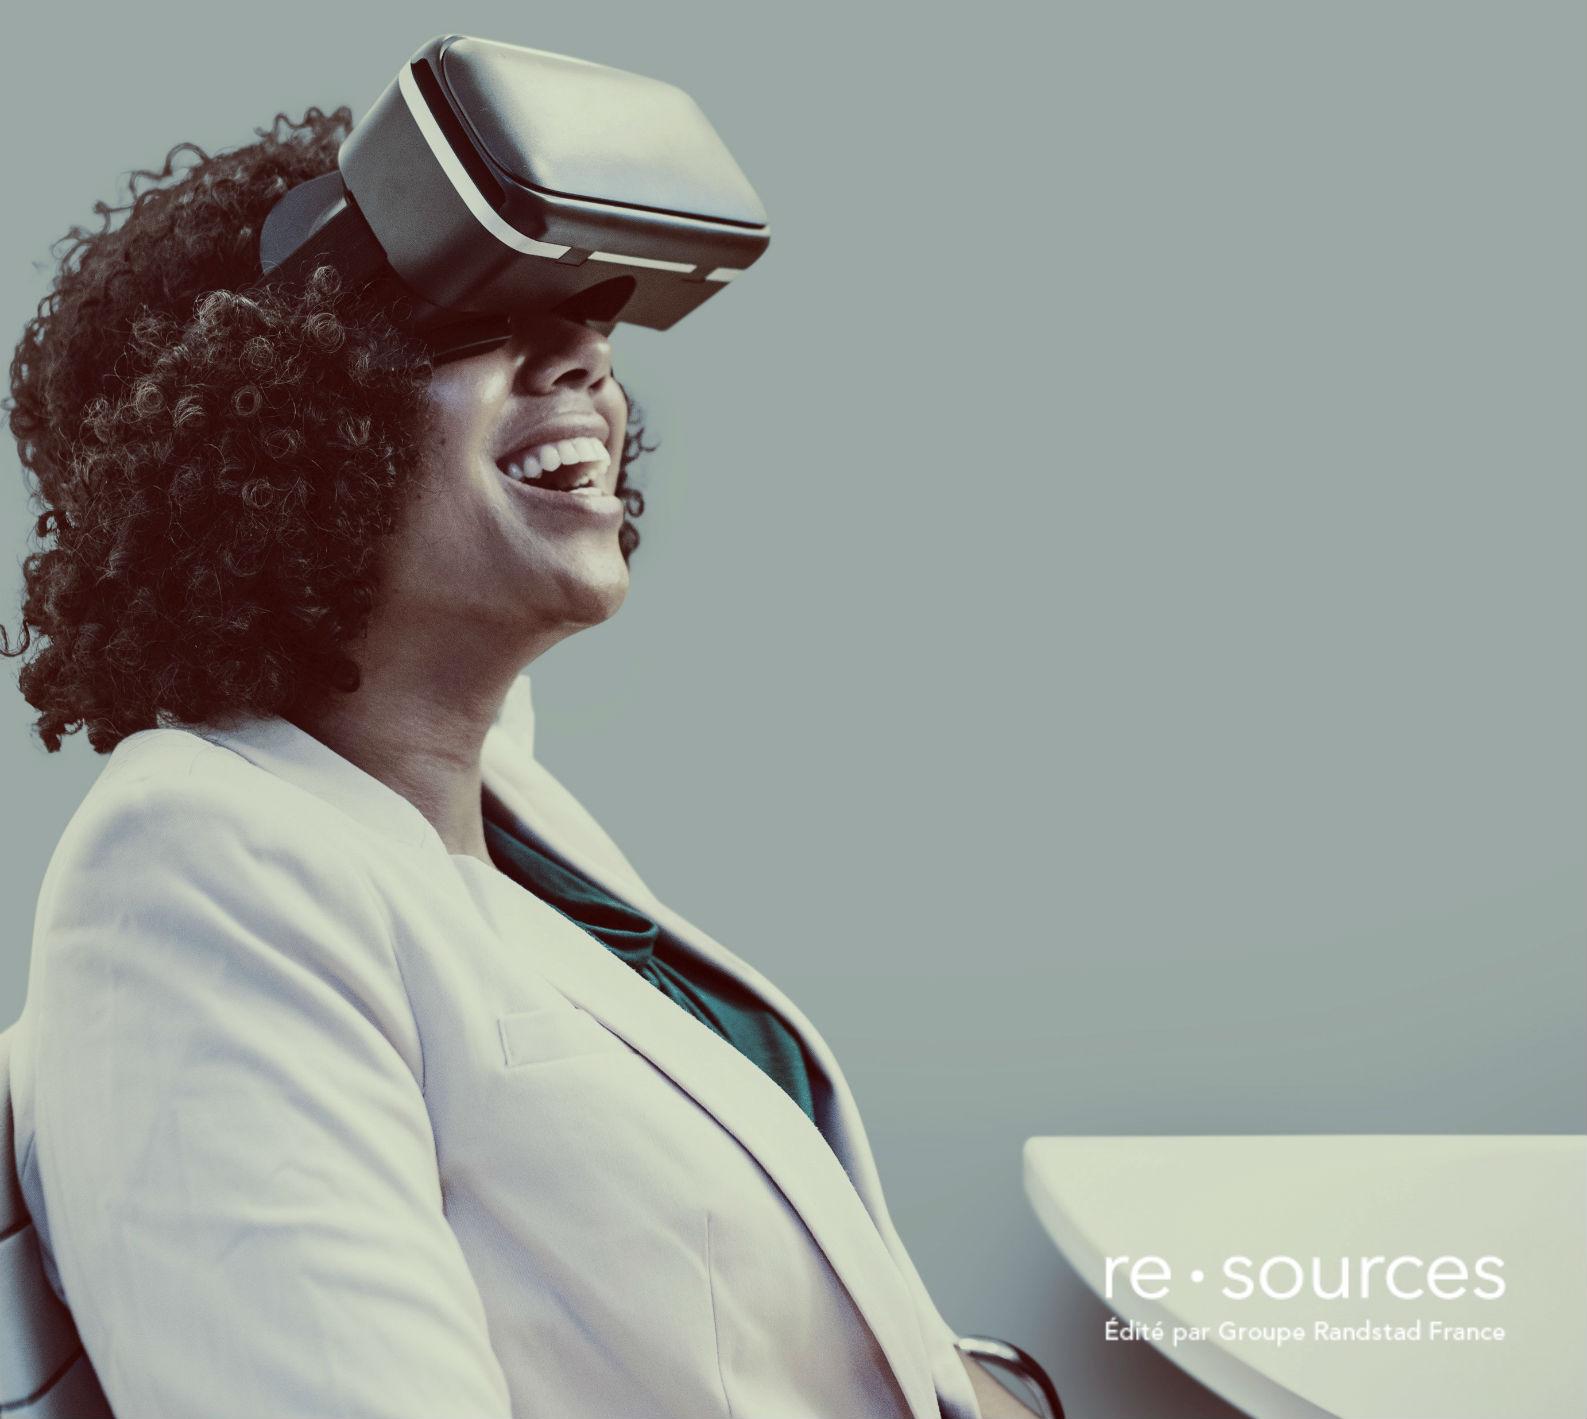 La réalité virtuelle apparaît